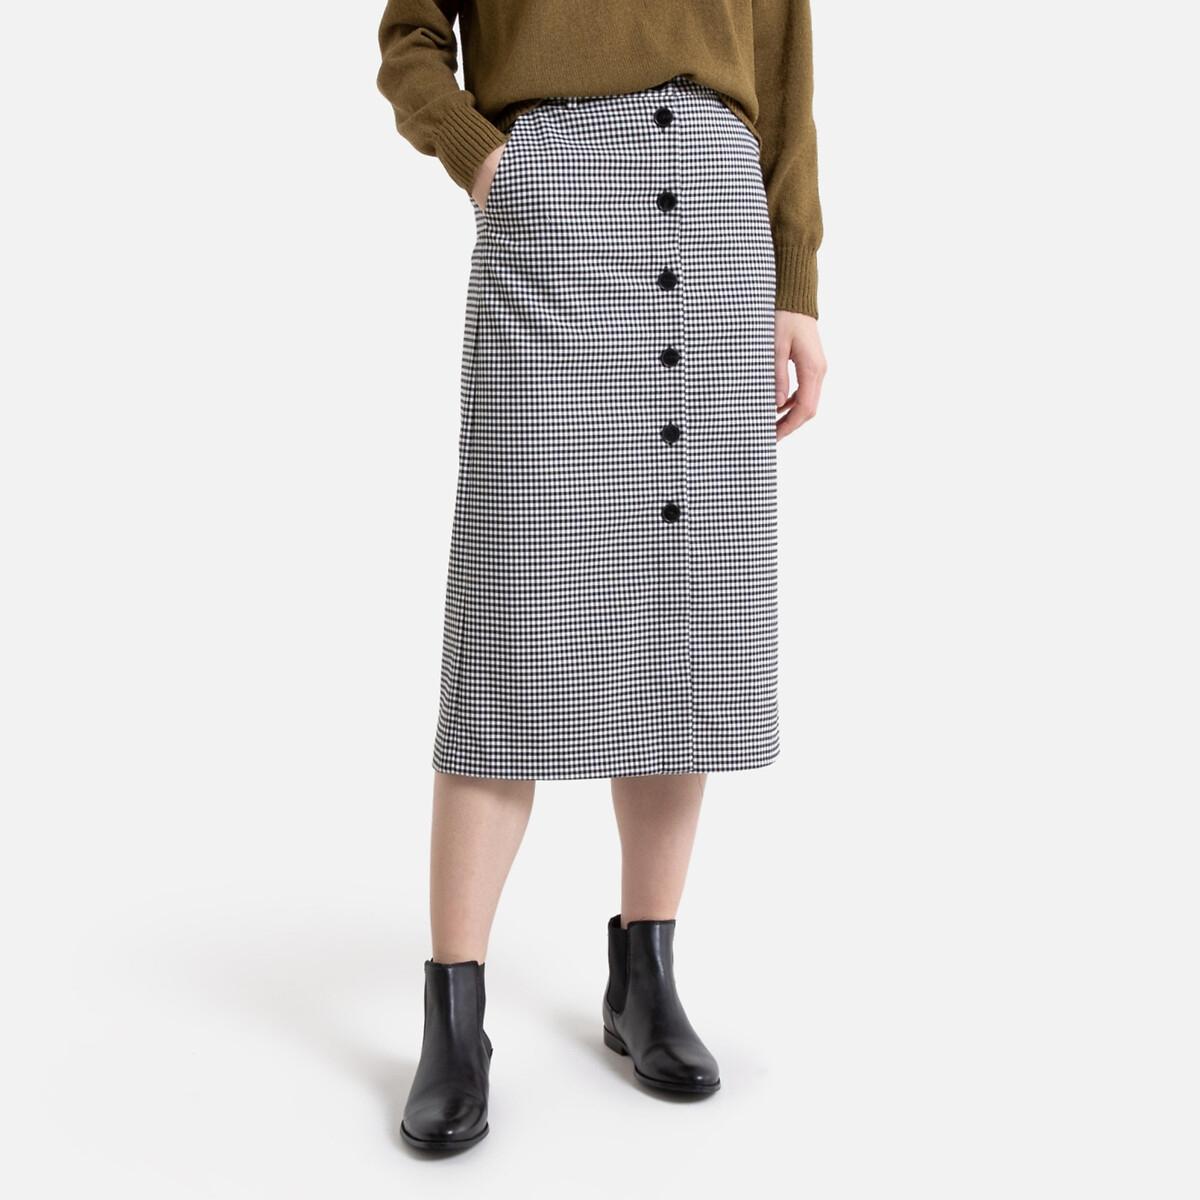 Falda recta con botones, estampado cuadros vichy